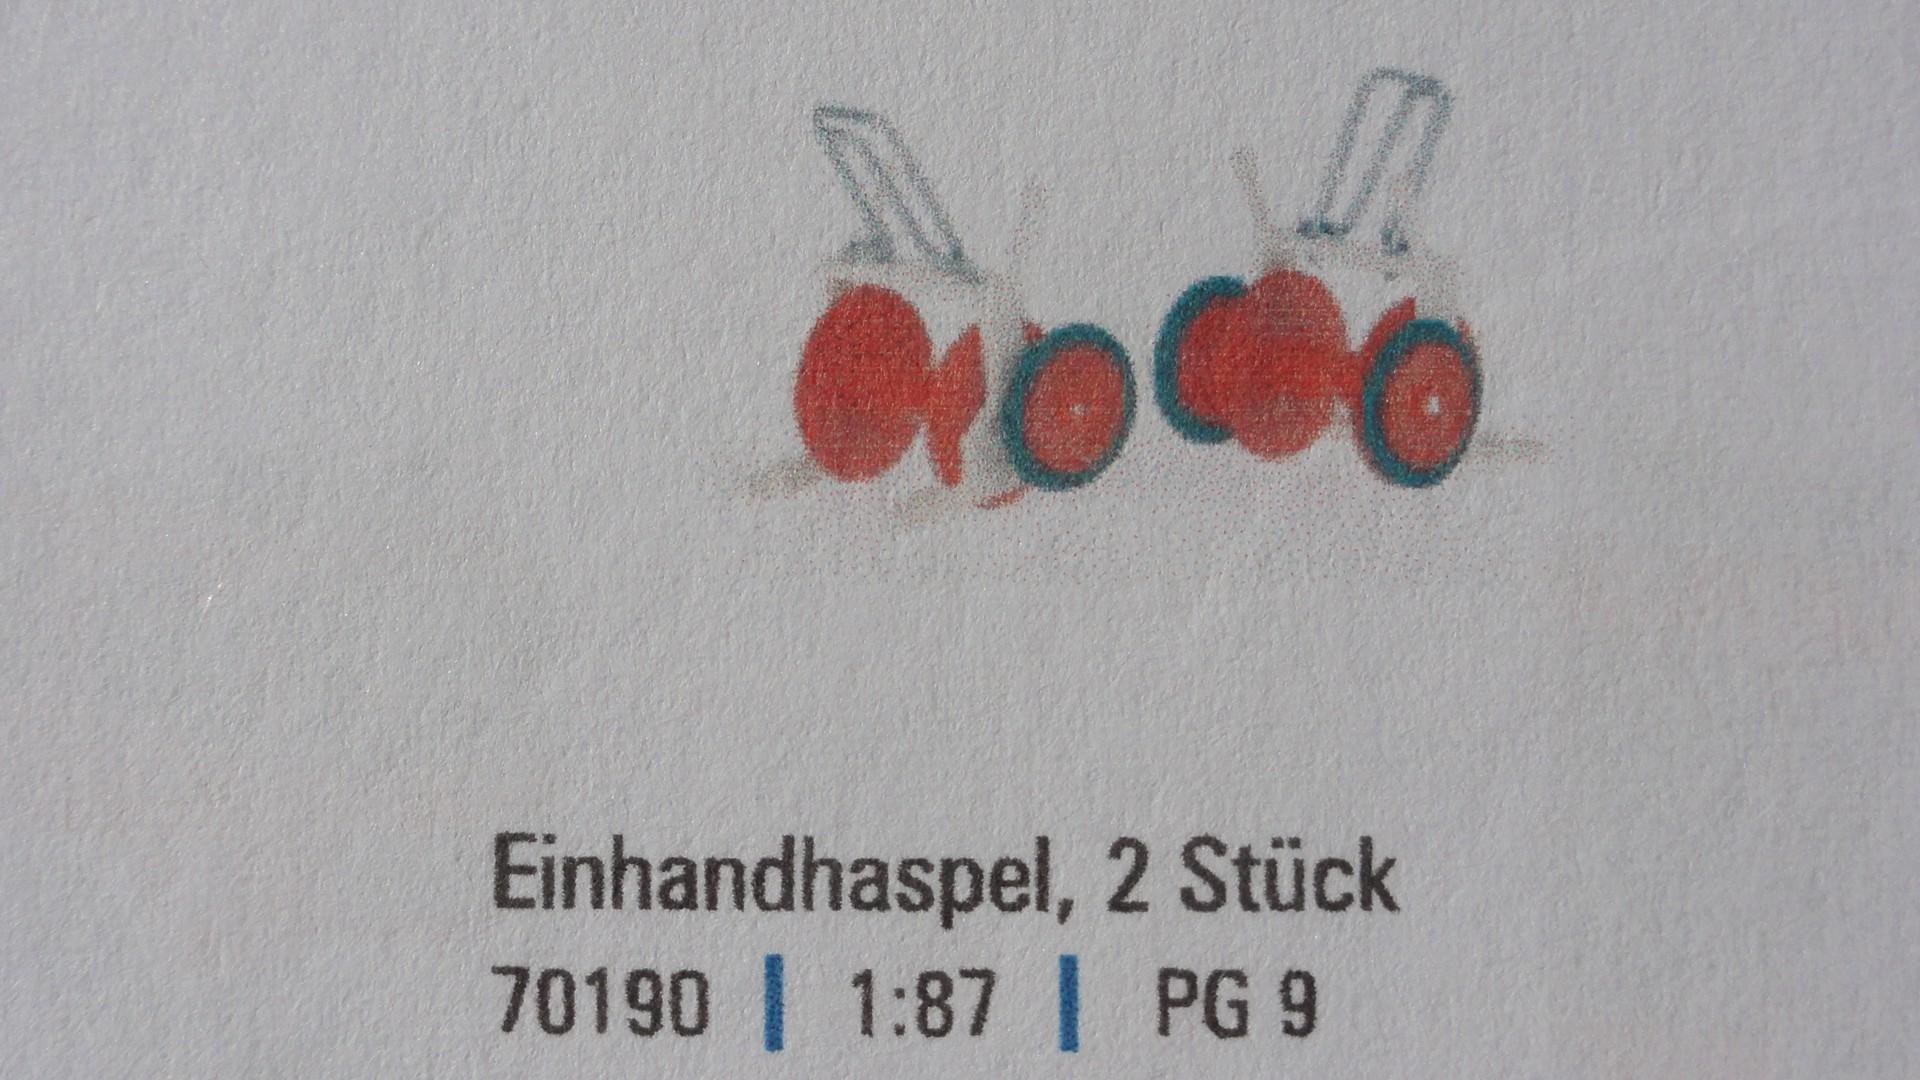 Einhandhaspel, 2 Stück -Einzelstück-